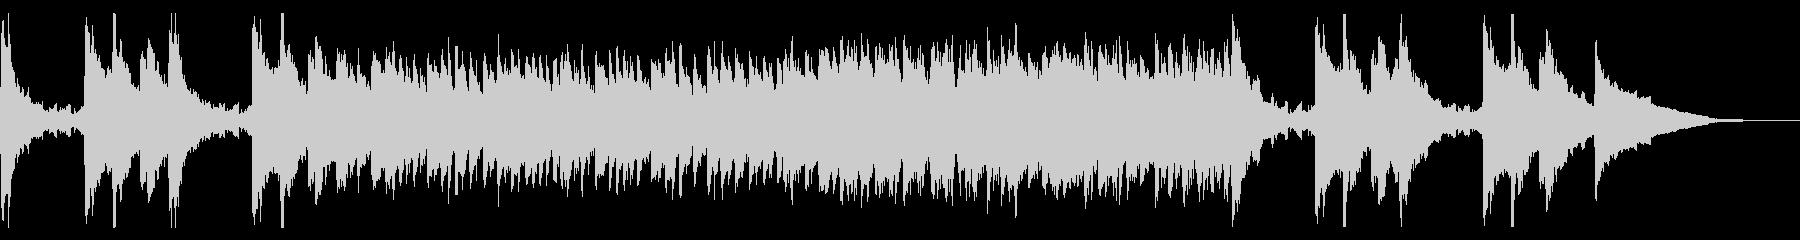 しっとり切ないピアノ旋律によるバラードの未再生の波形